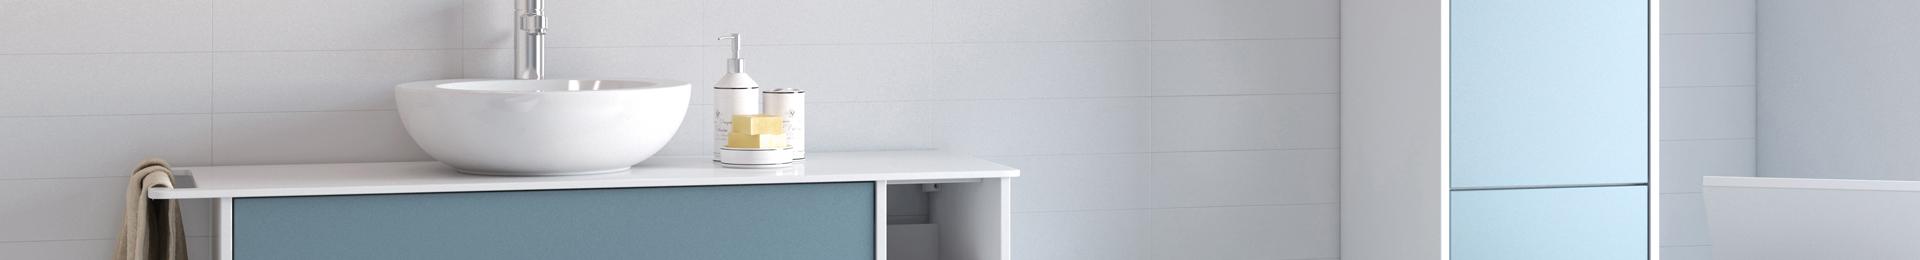 Meuble salle de bain moderne mobilier armoires etc - Meuble salle de bain moderne ...